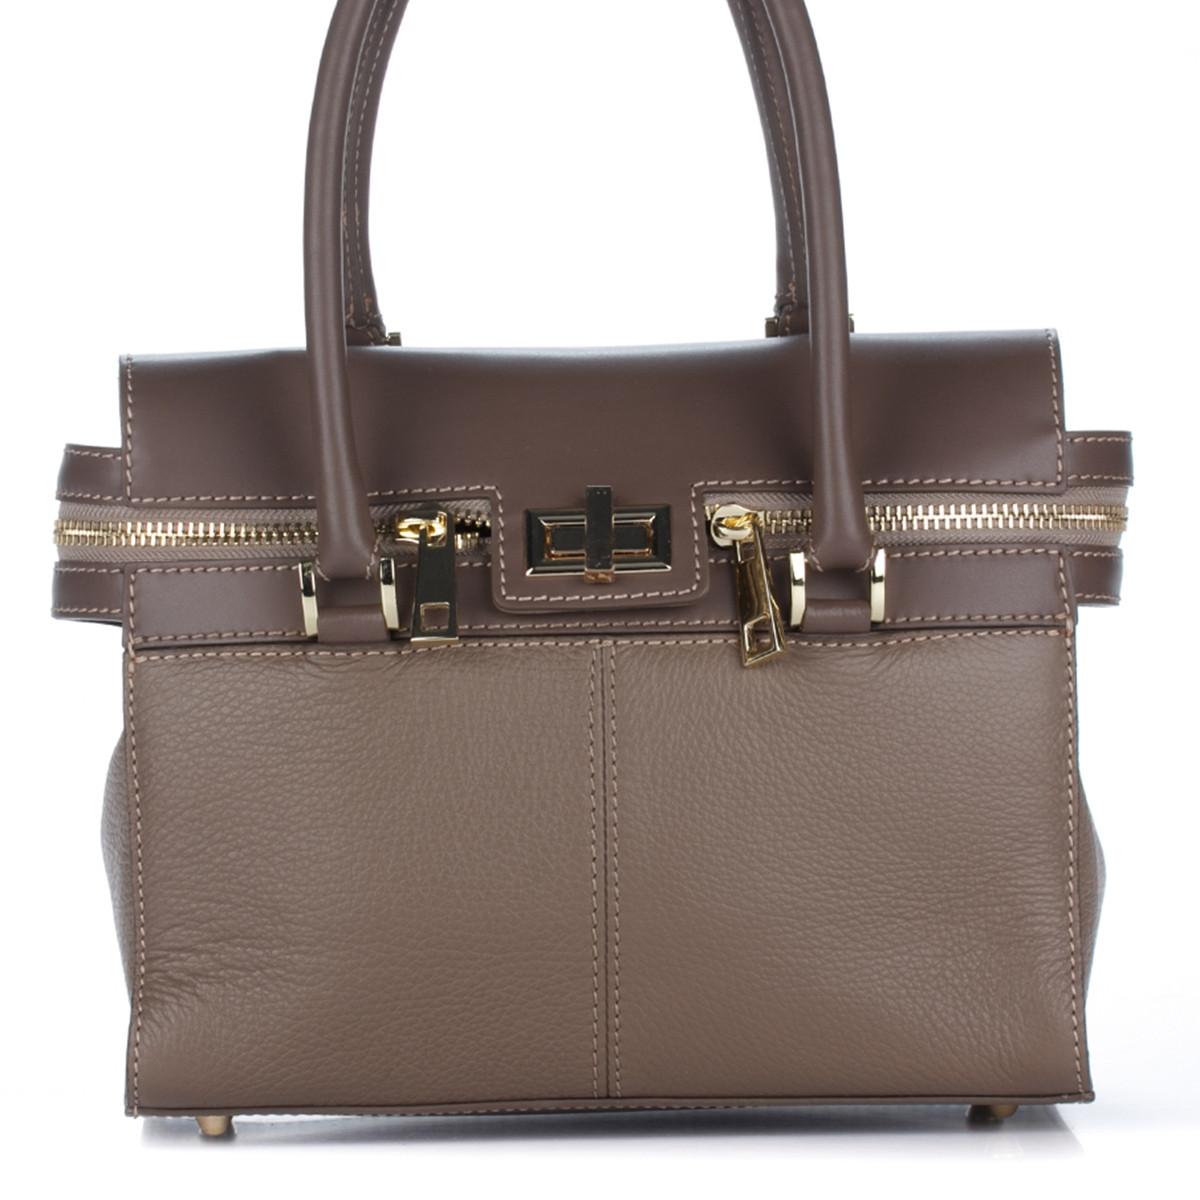 Женская кожаная сумка 8182 бежевого цвета Италия